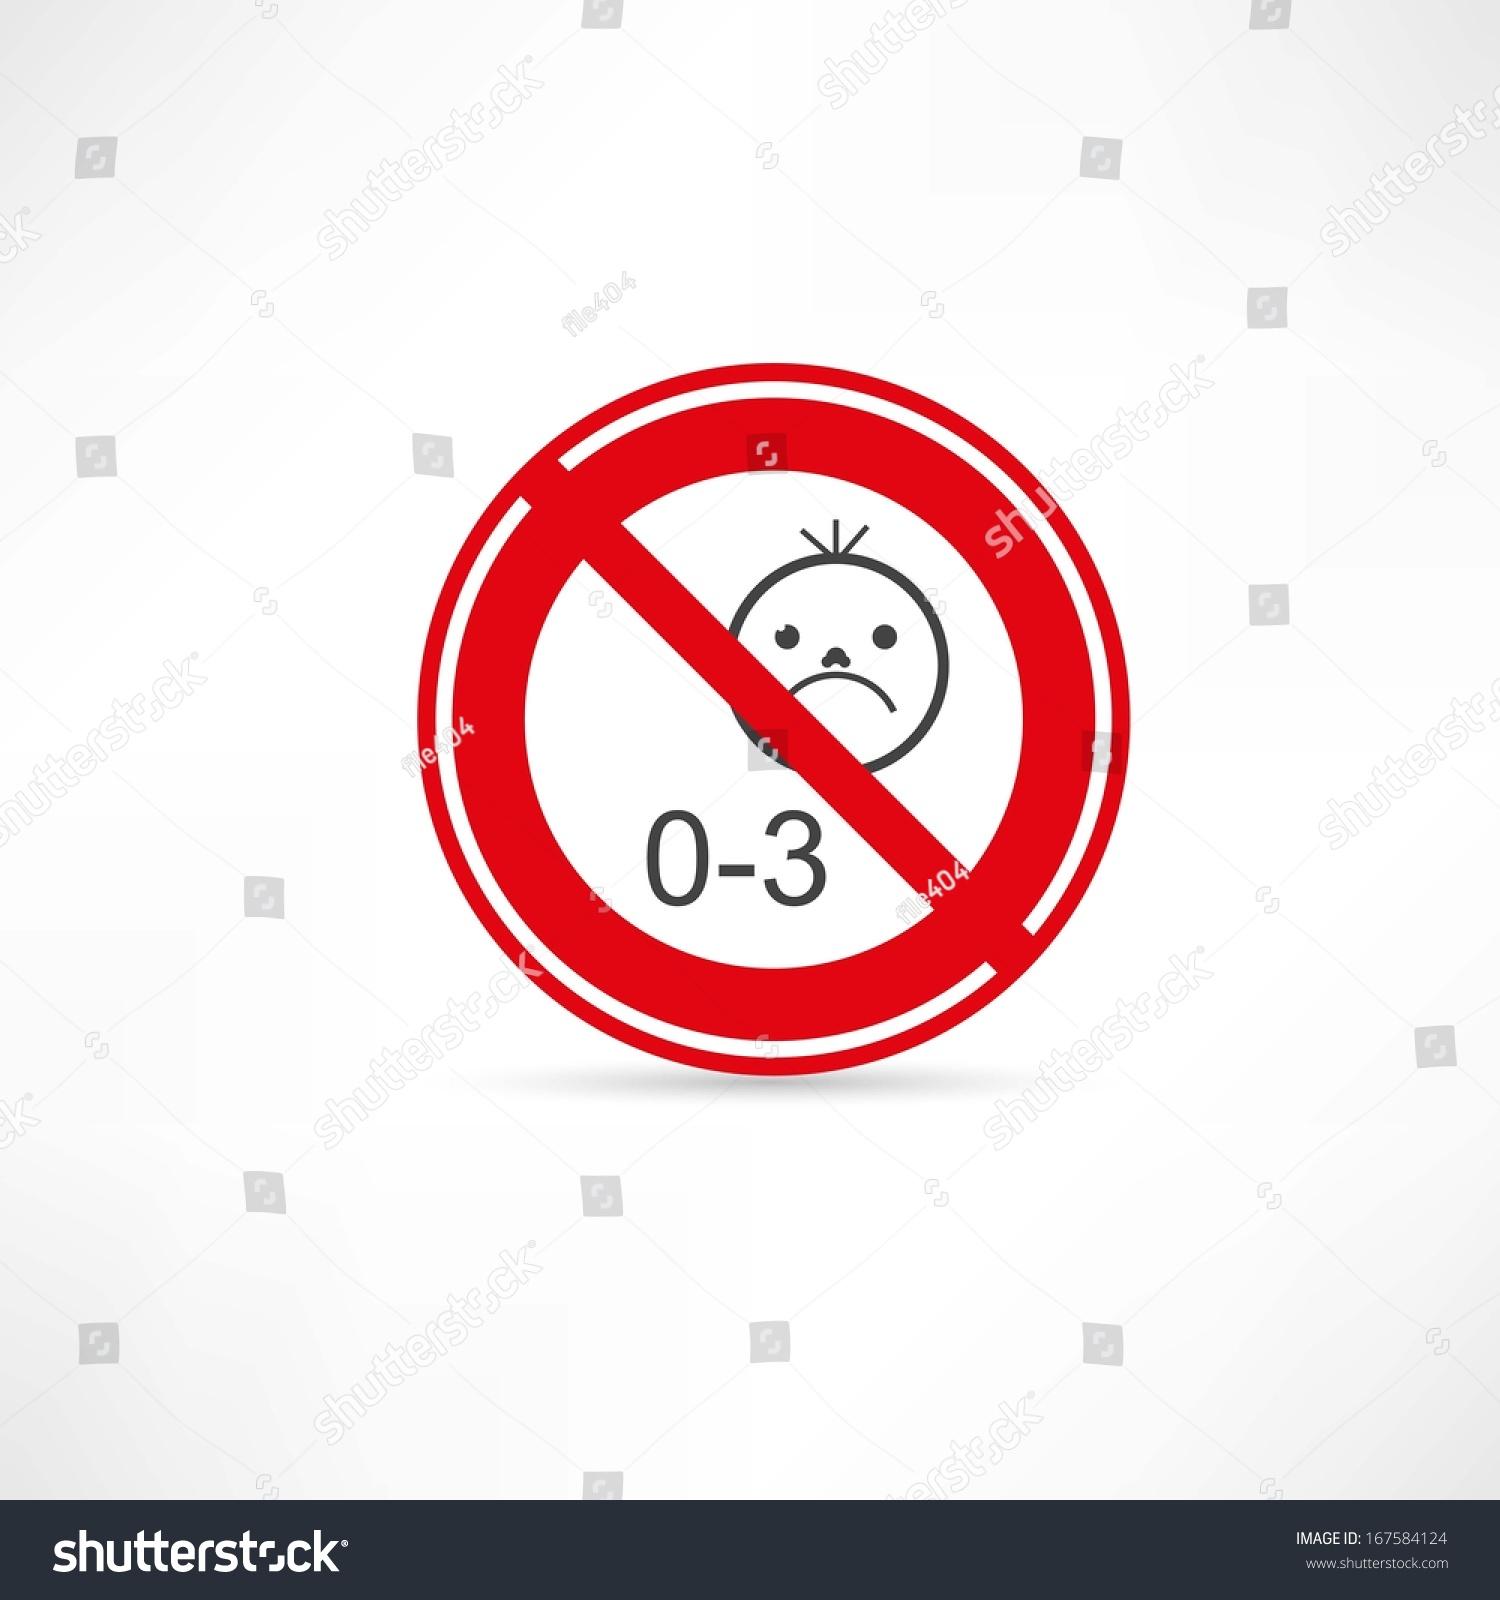 禁止使用儿童在三岁以下图标-人物,符号/标志-海洛()图片